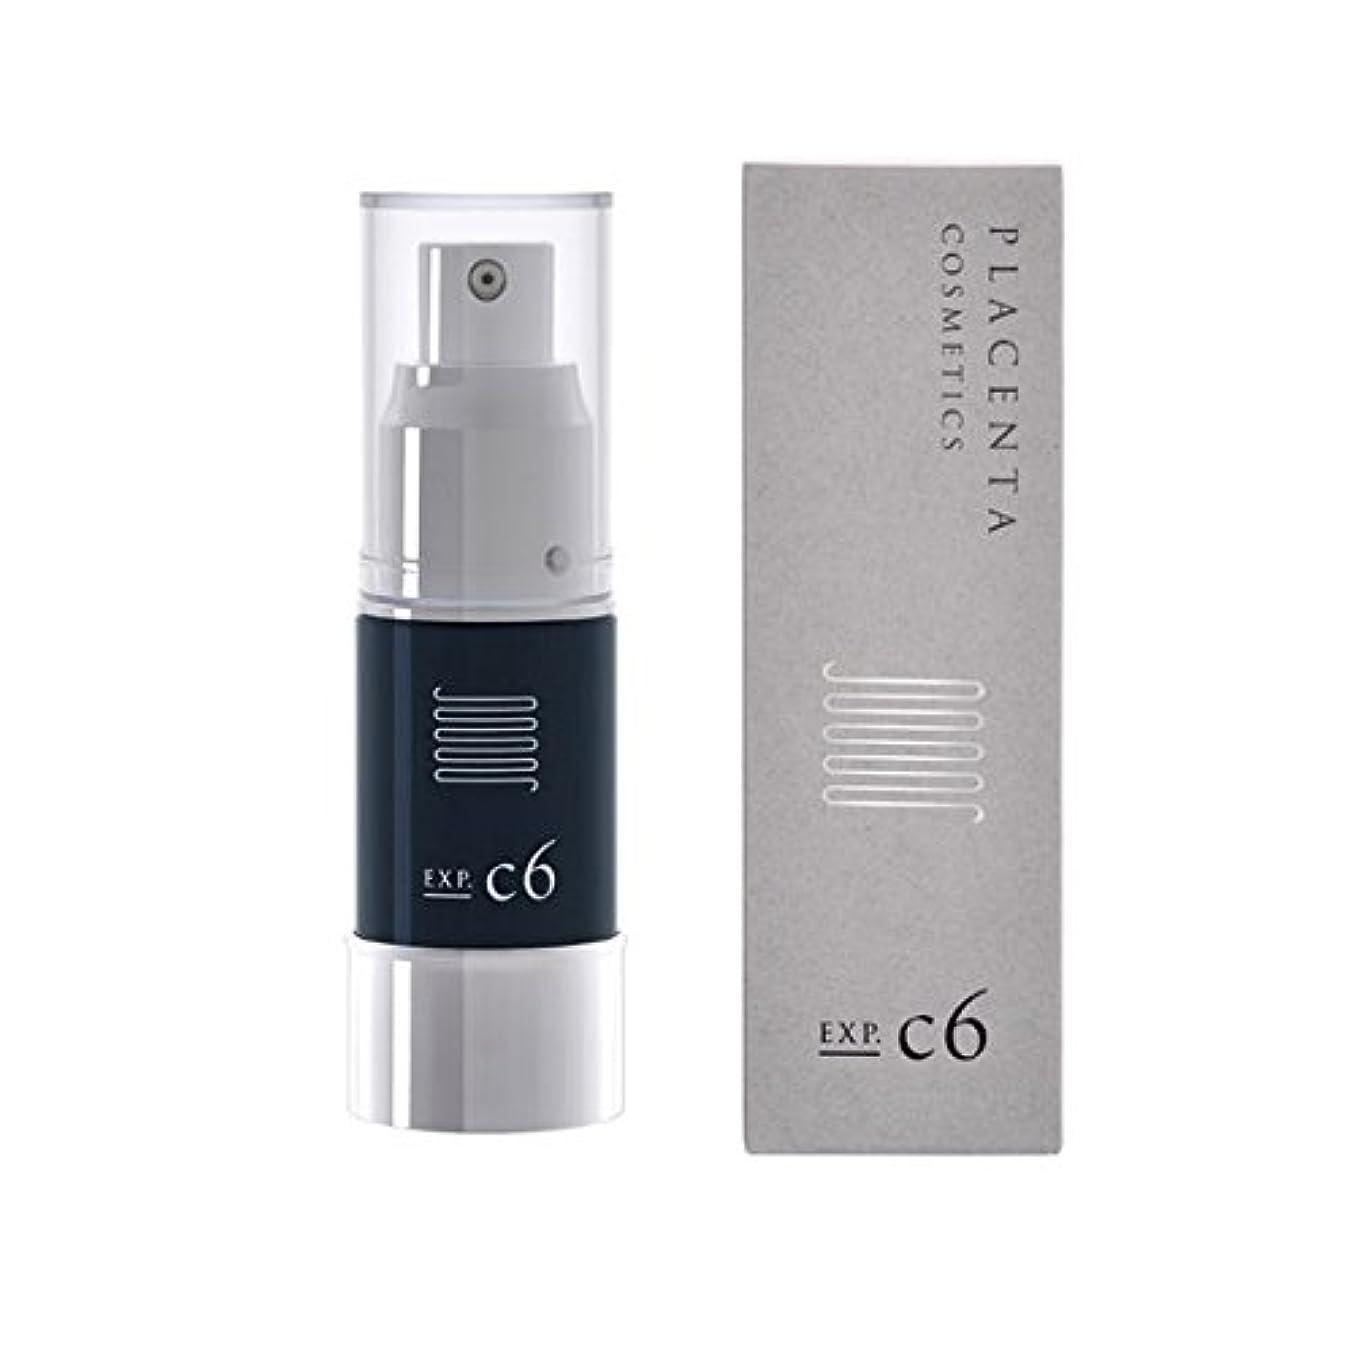 プラセンタC6セラム(美容液)〈生プラセンタ50%配合〉フィルトムC6S 19mL